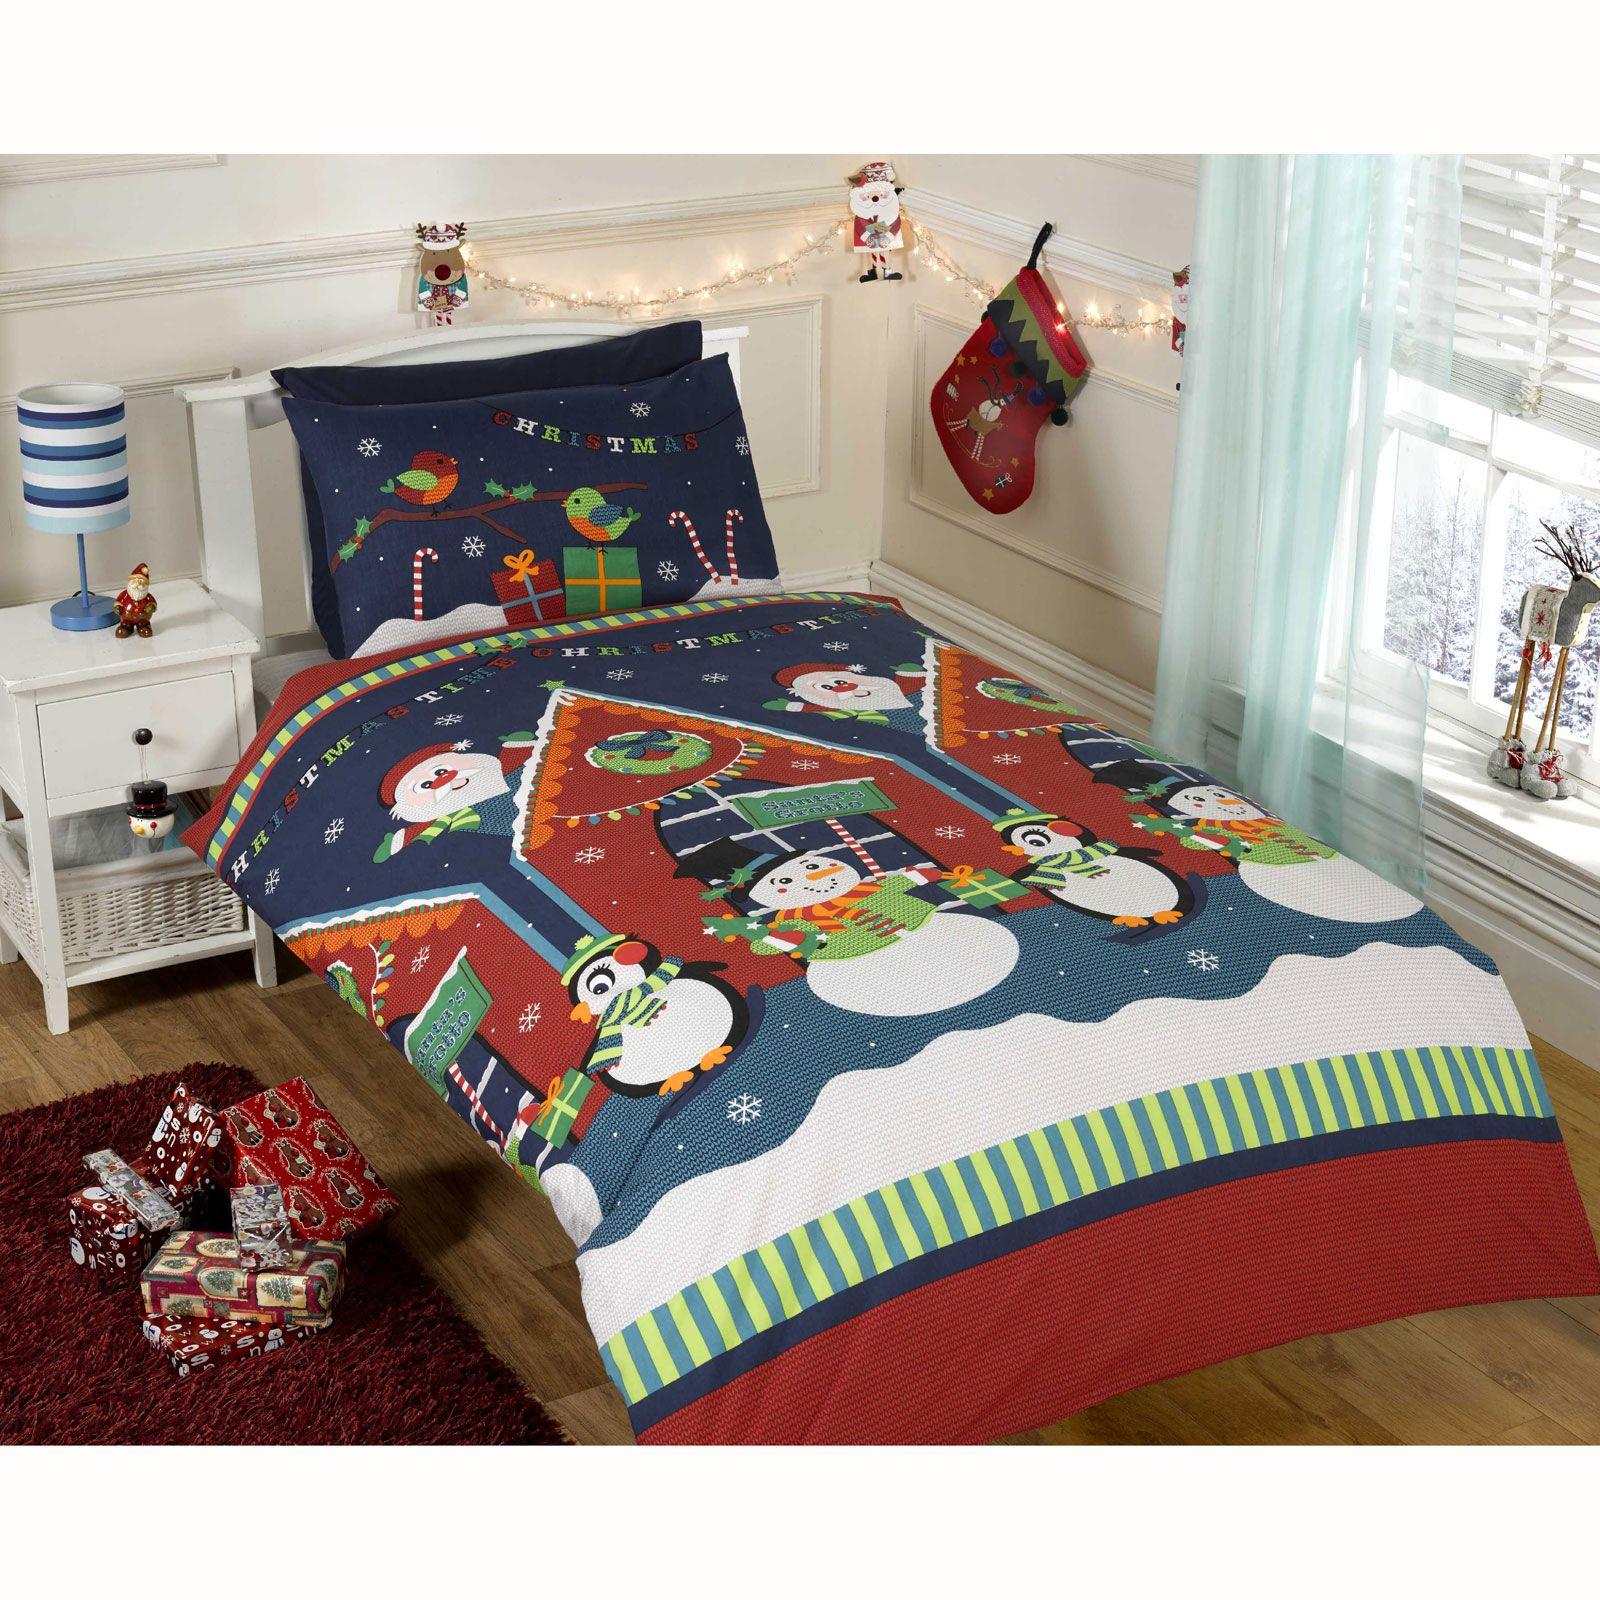 Indexbild 68 - Kinder Weihnachten Bettbezug Sets - Junior Einzel Doppel King - Elf Emoji Grinch